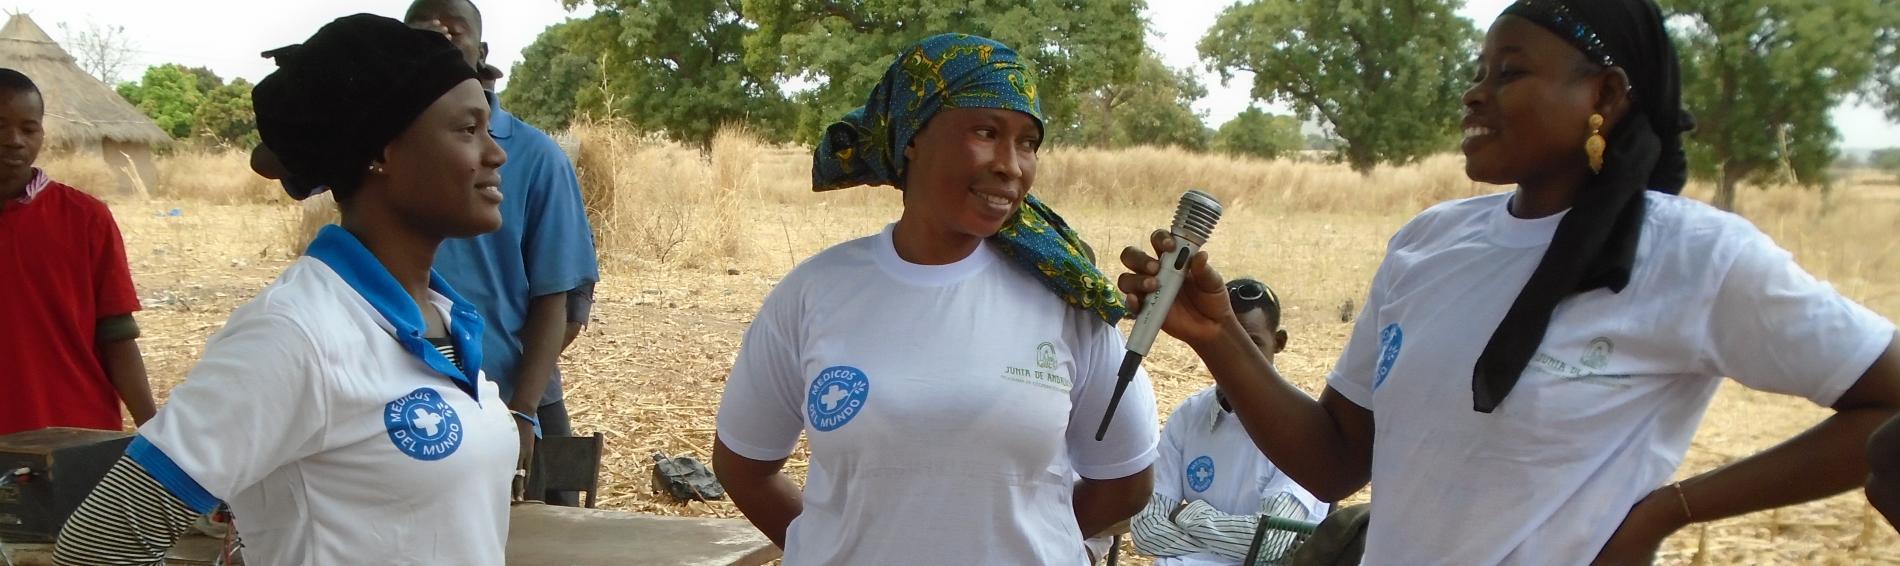 campaña de sensibilización en Malí